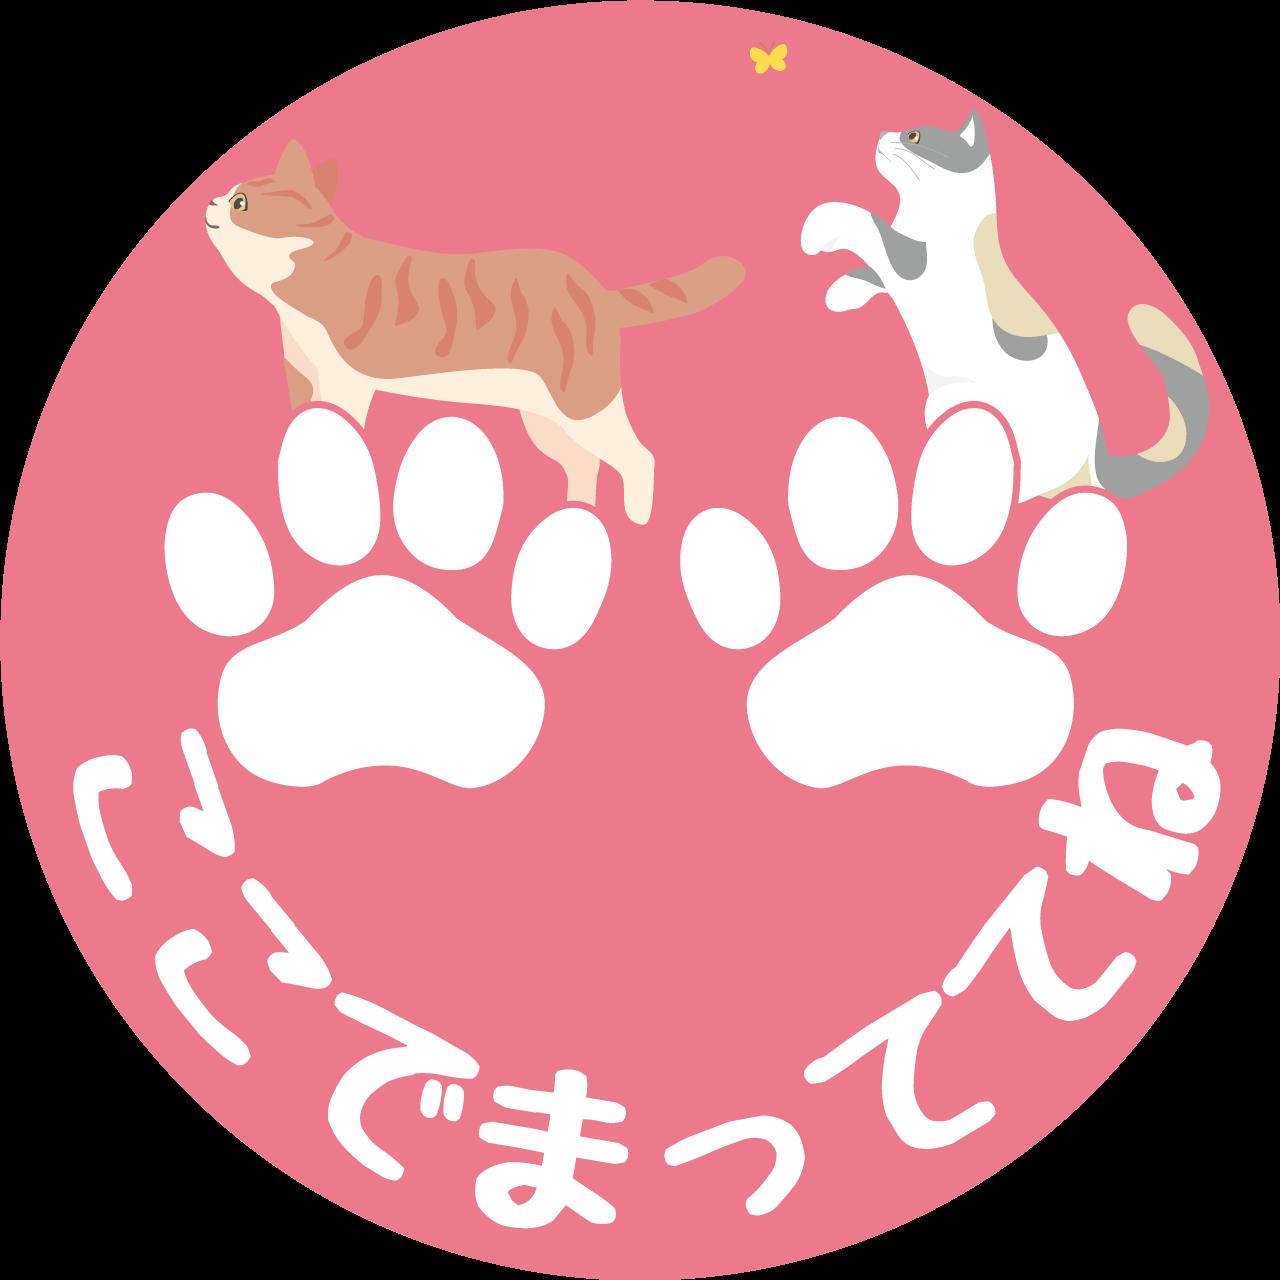 床用ステッカー(幼児向け・猫)